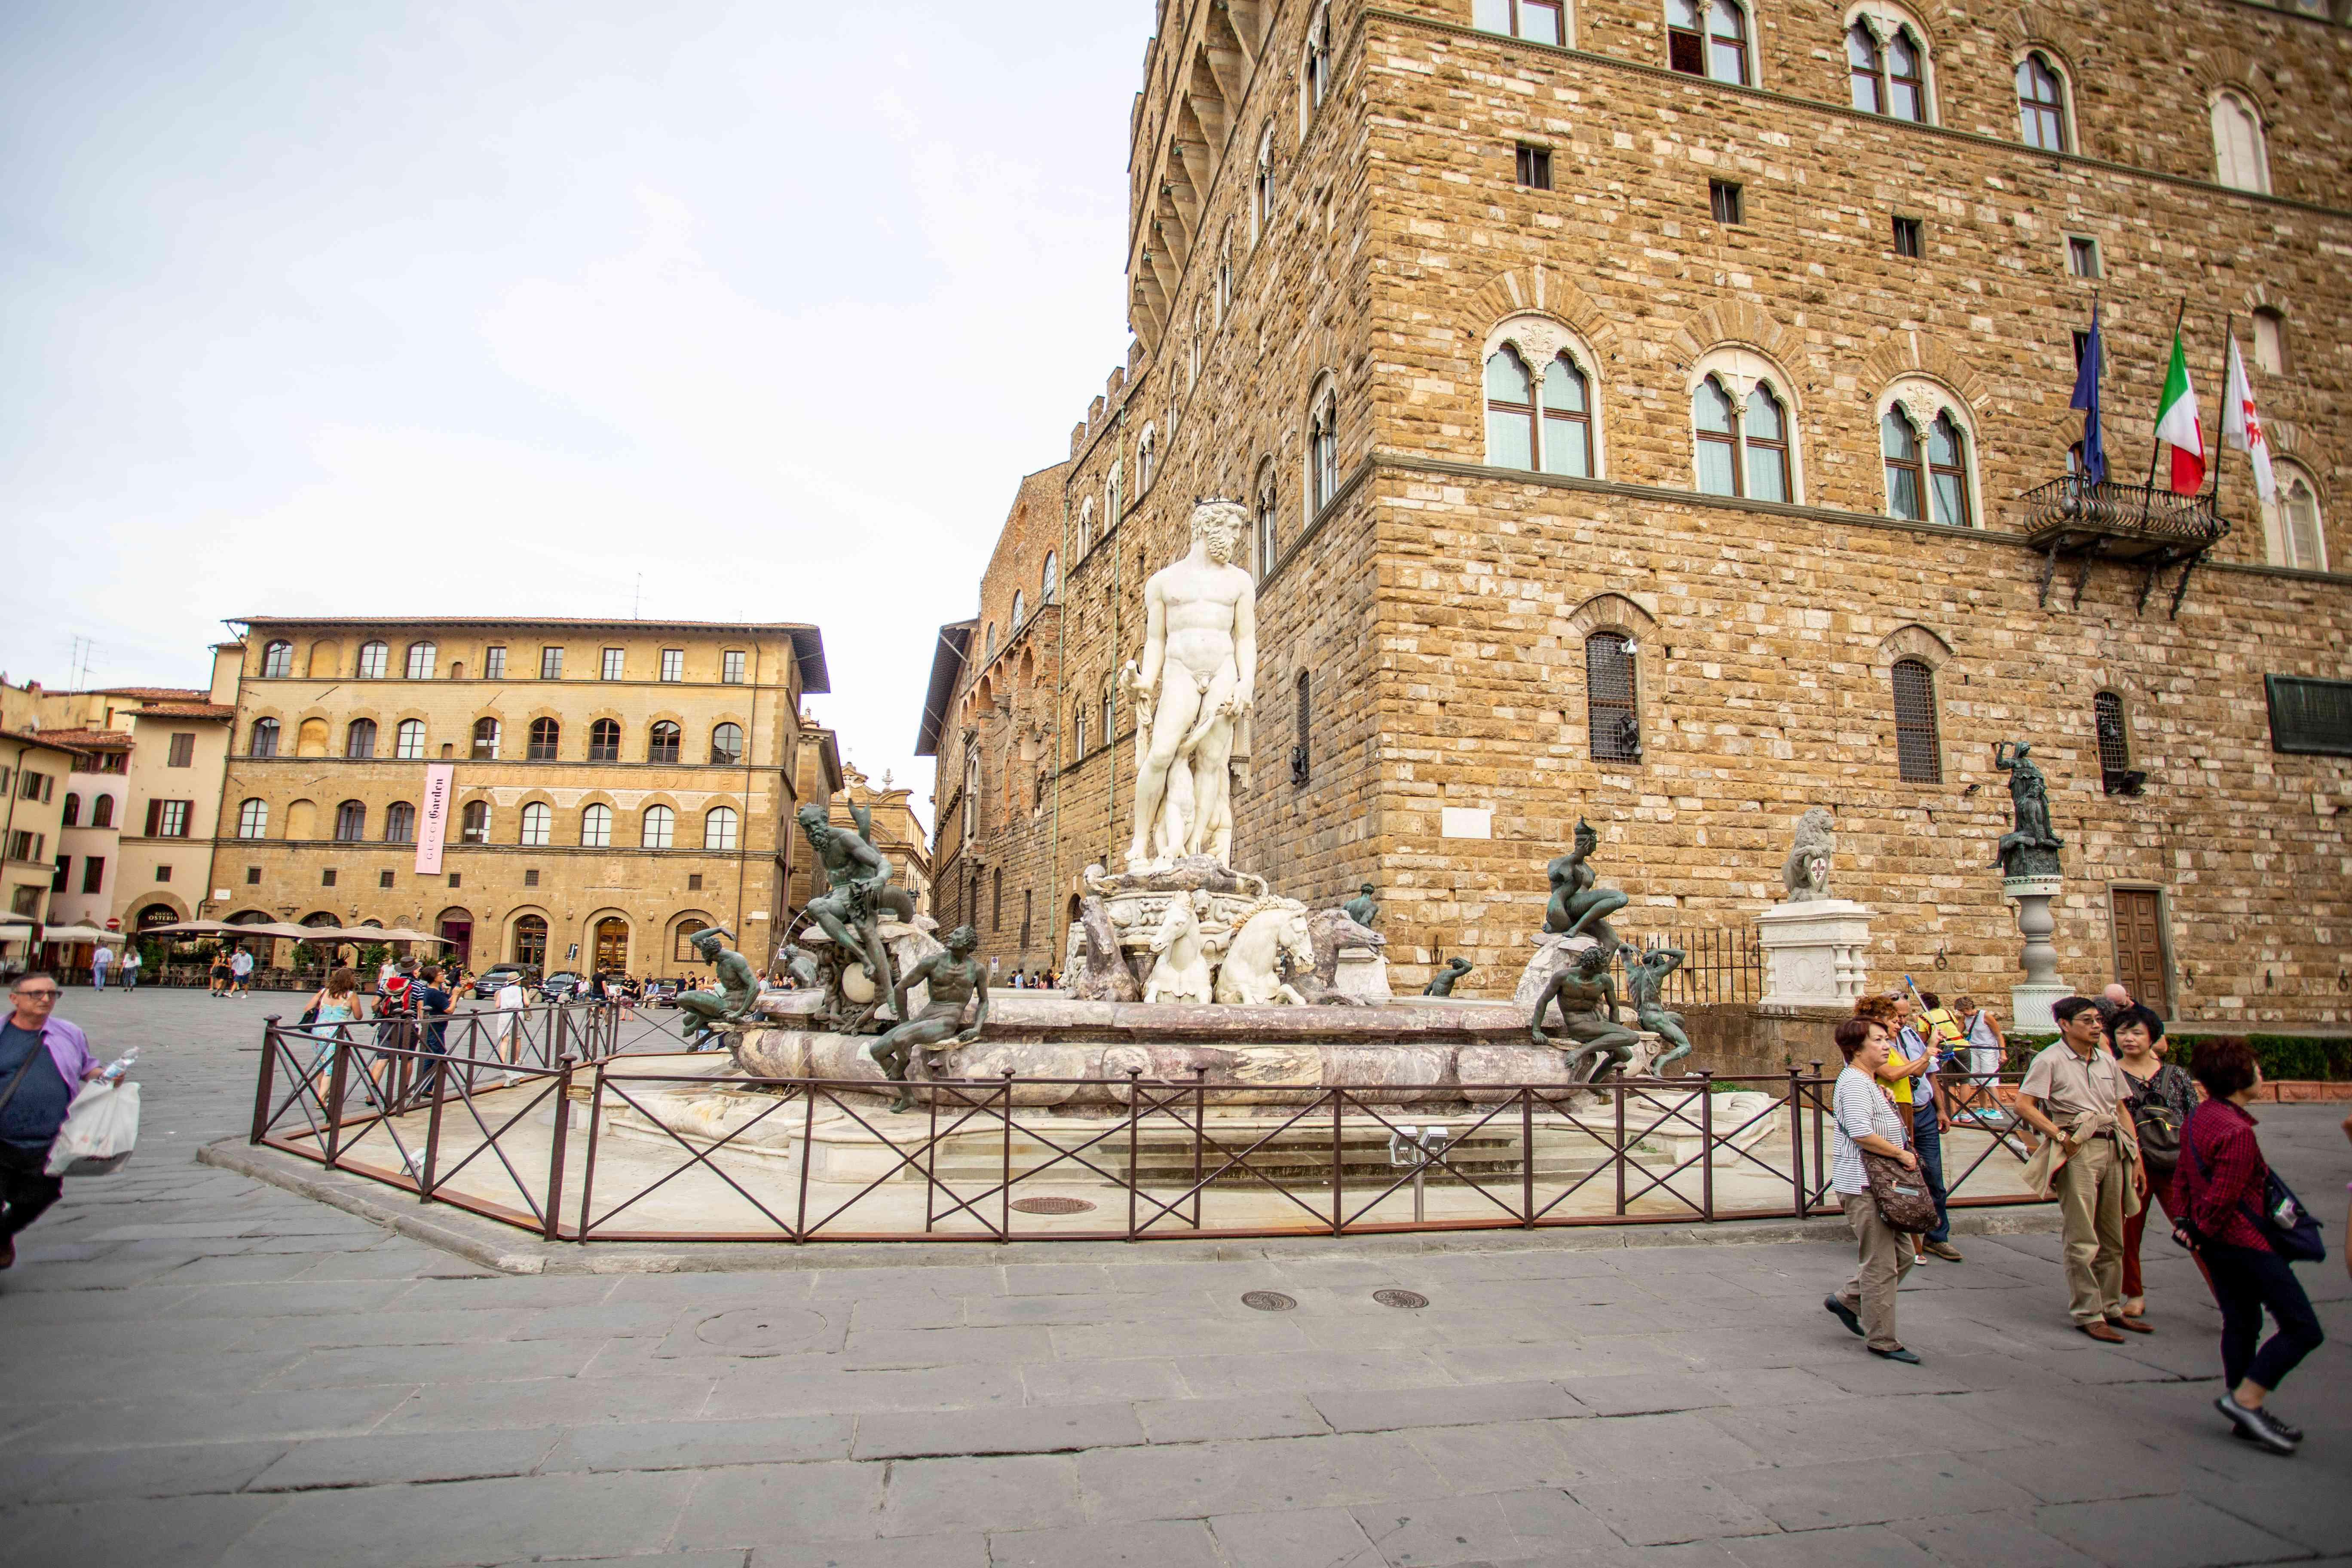 Piazza Della Signoria in Florence, Italy